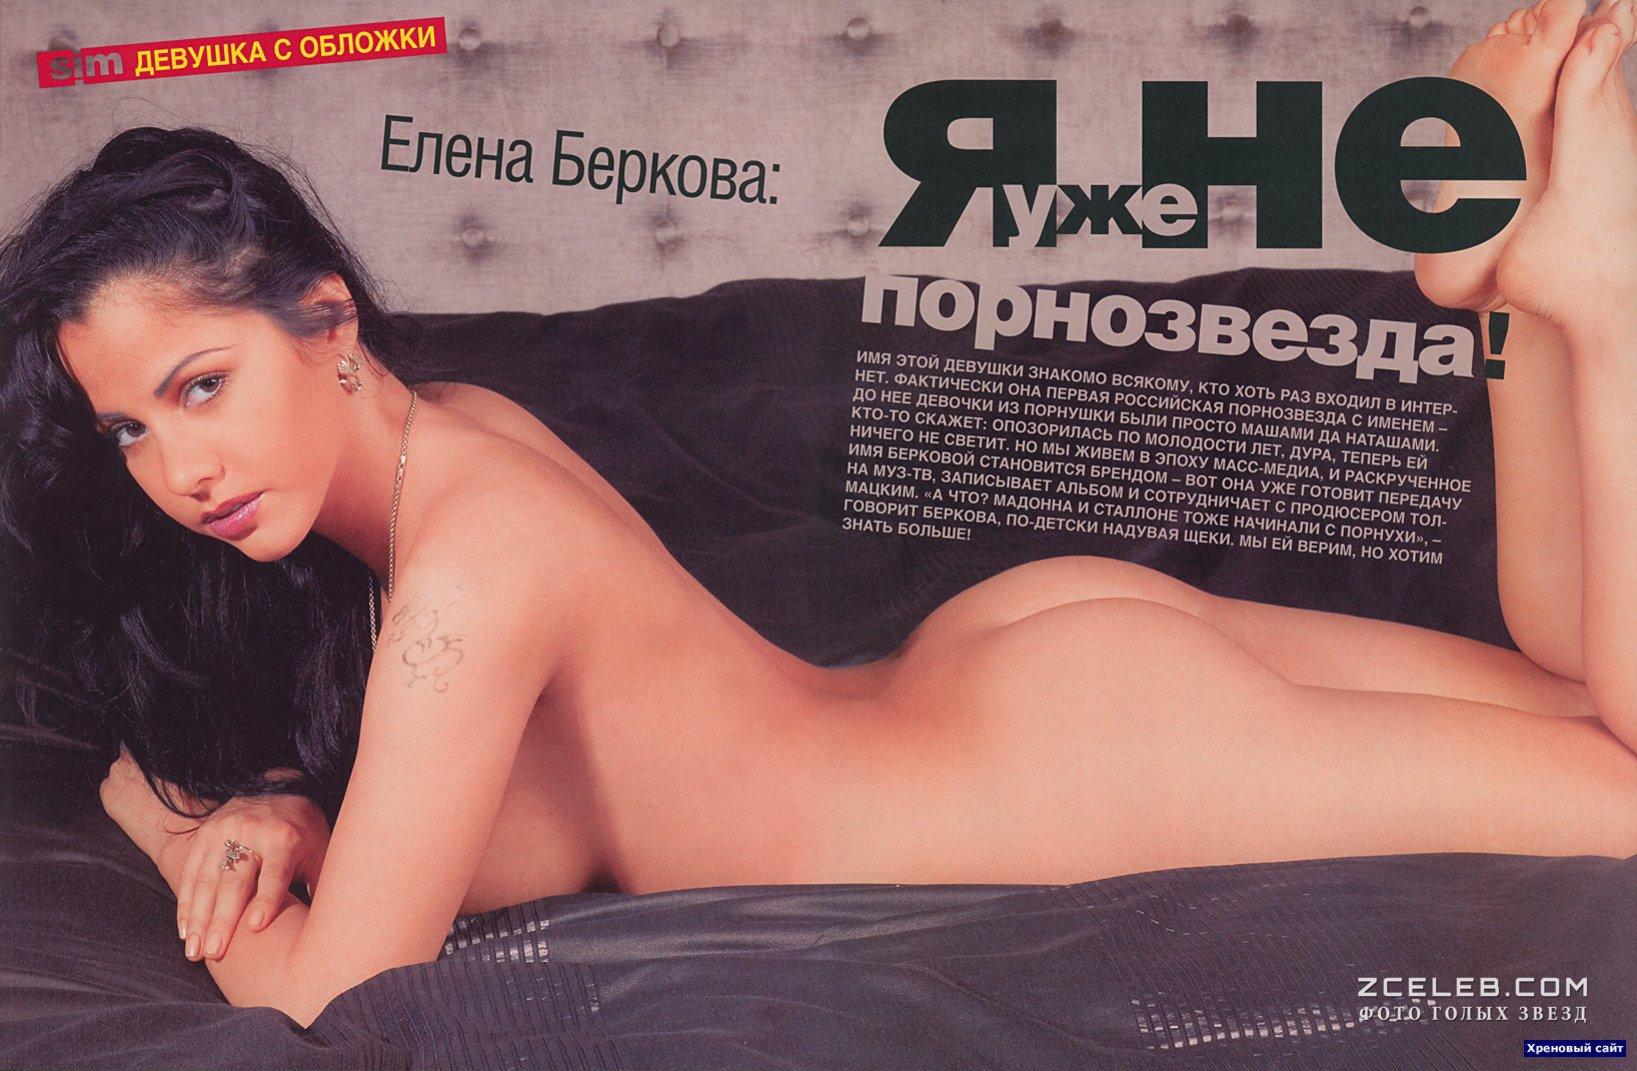 Фотографии Обнаженной Елены